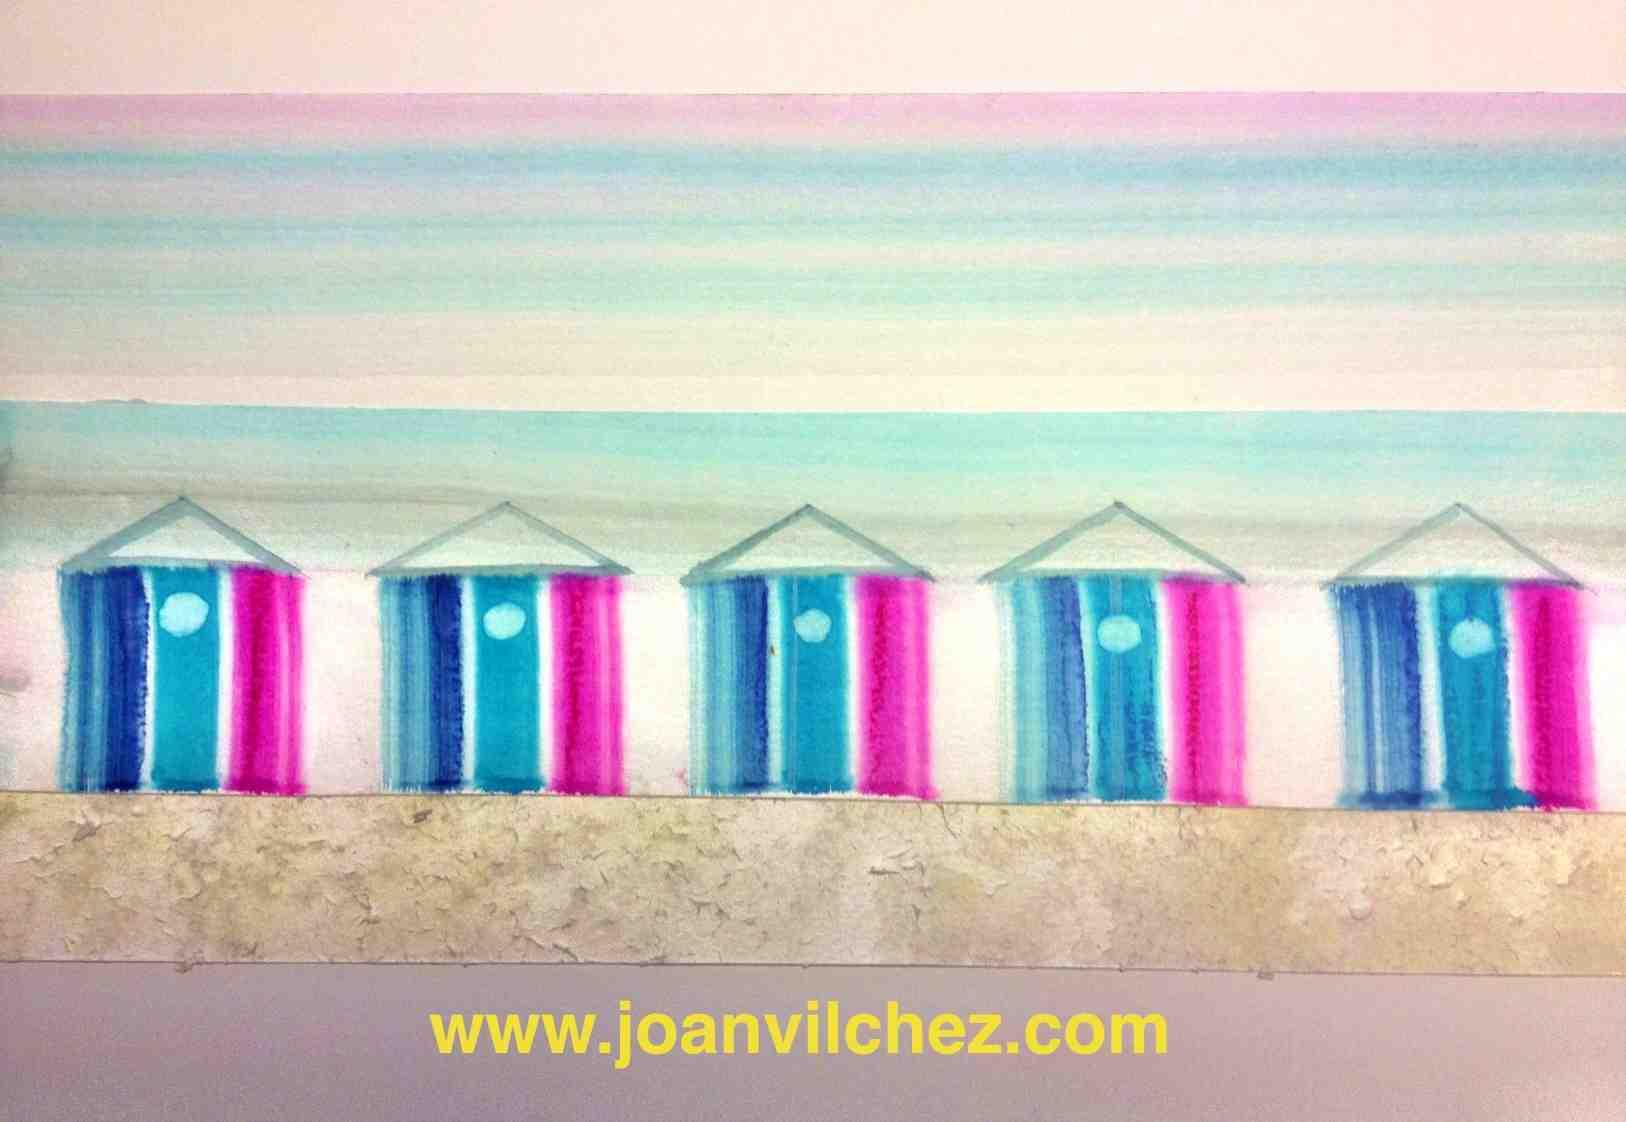 Joan Vílchez-PSICÓLOGO–SEXÓLOGO-PSICOTERAPEUTA en Valencia- Sexualidad infantil y juvenil / Teresa Maestre - Casitas de la playa